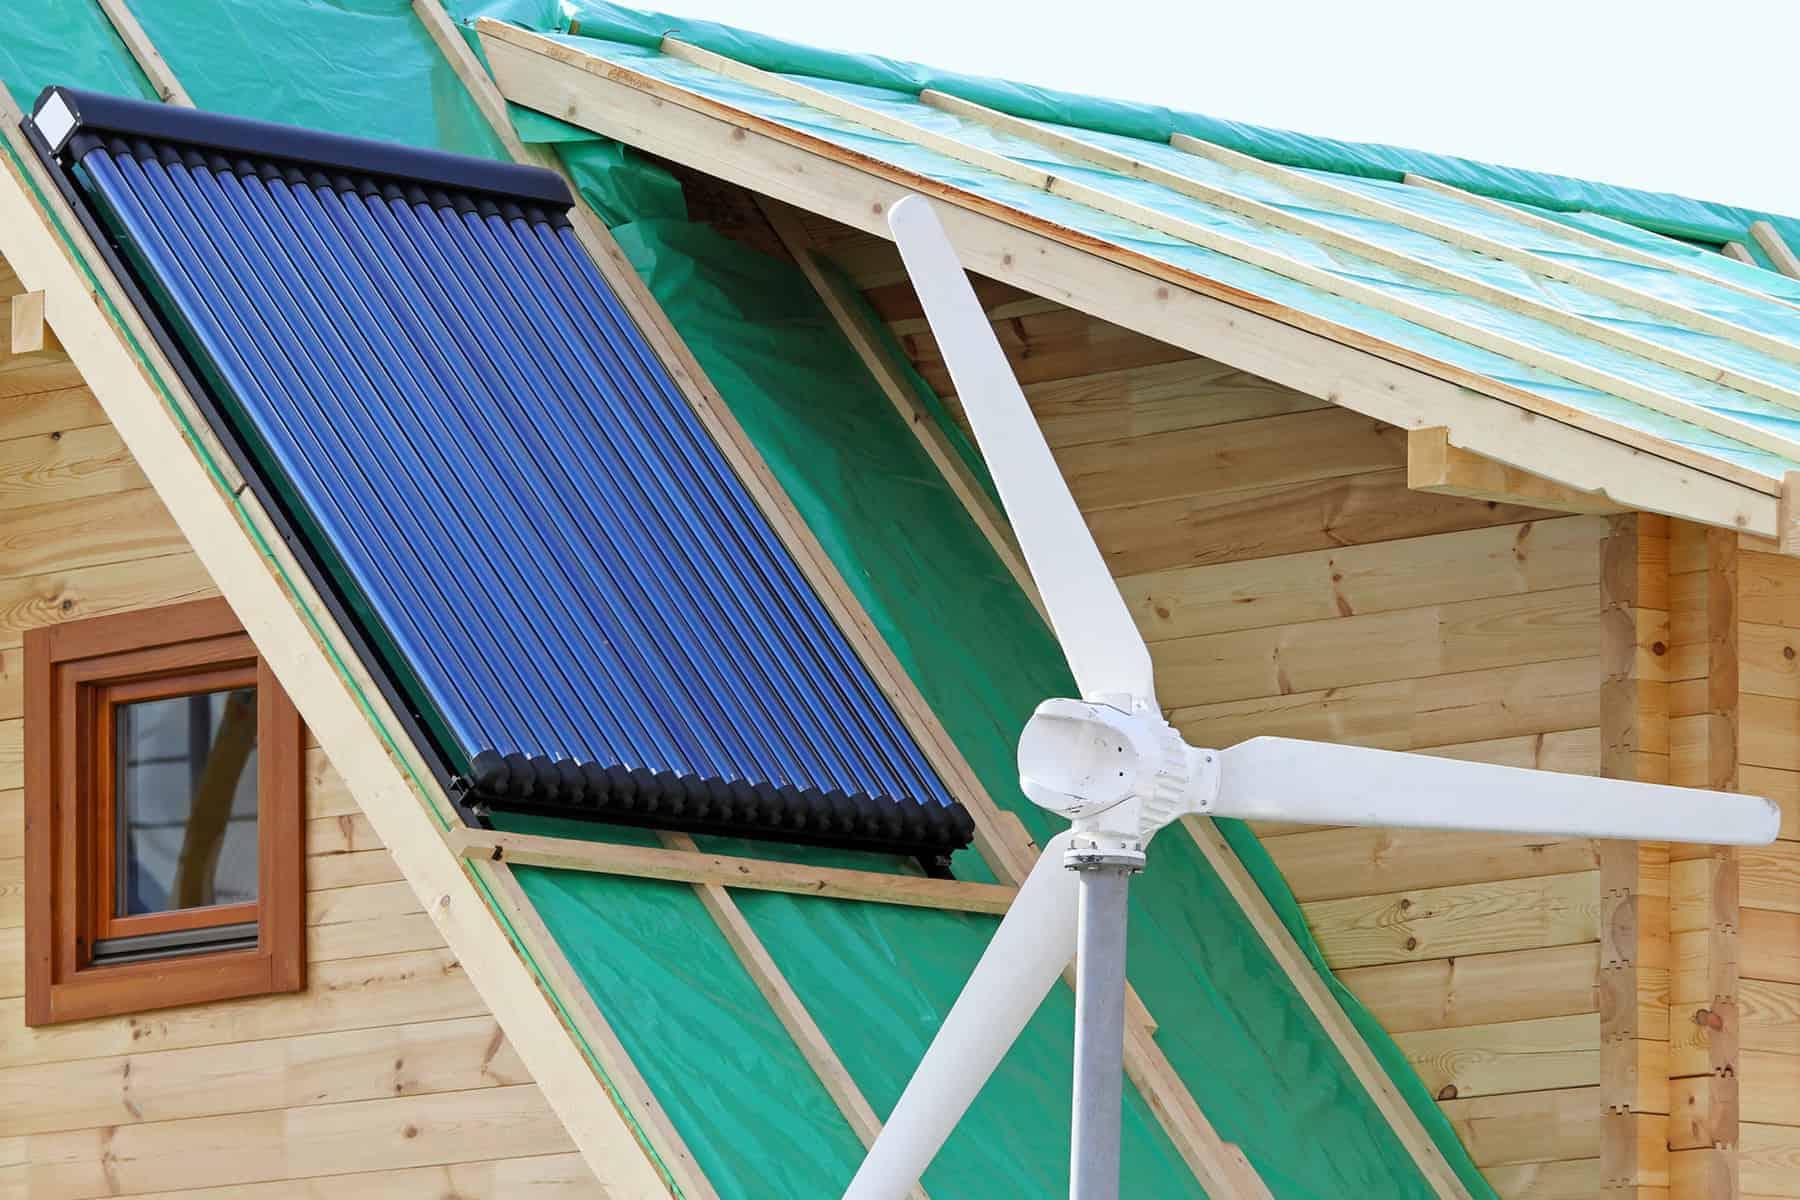 Instalacje energooszczędne w domu